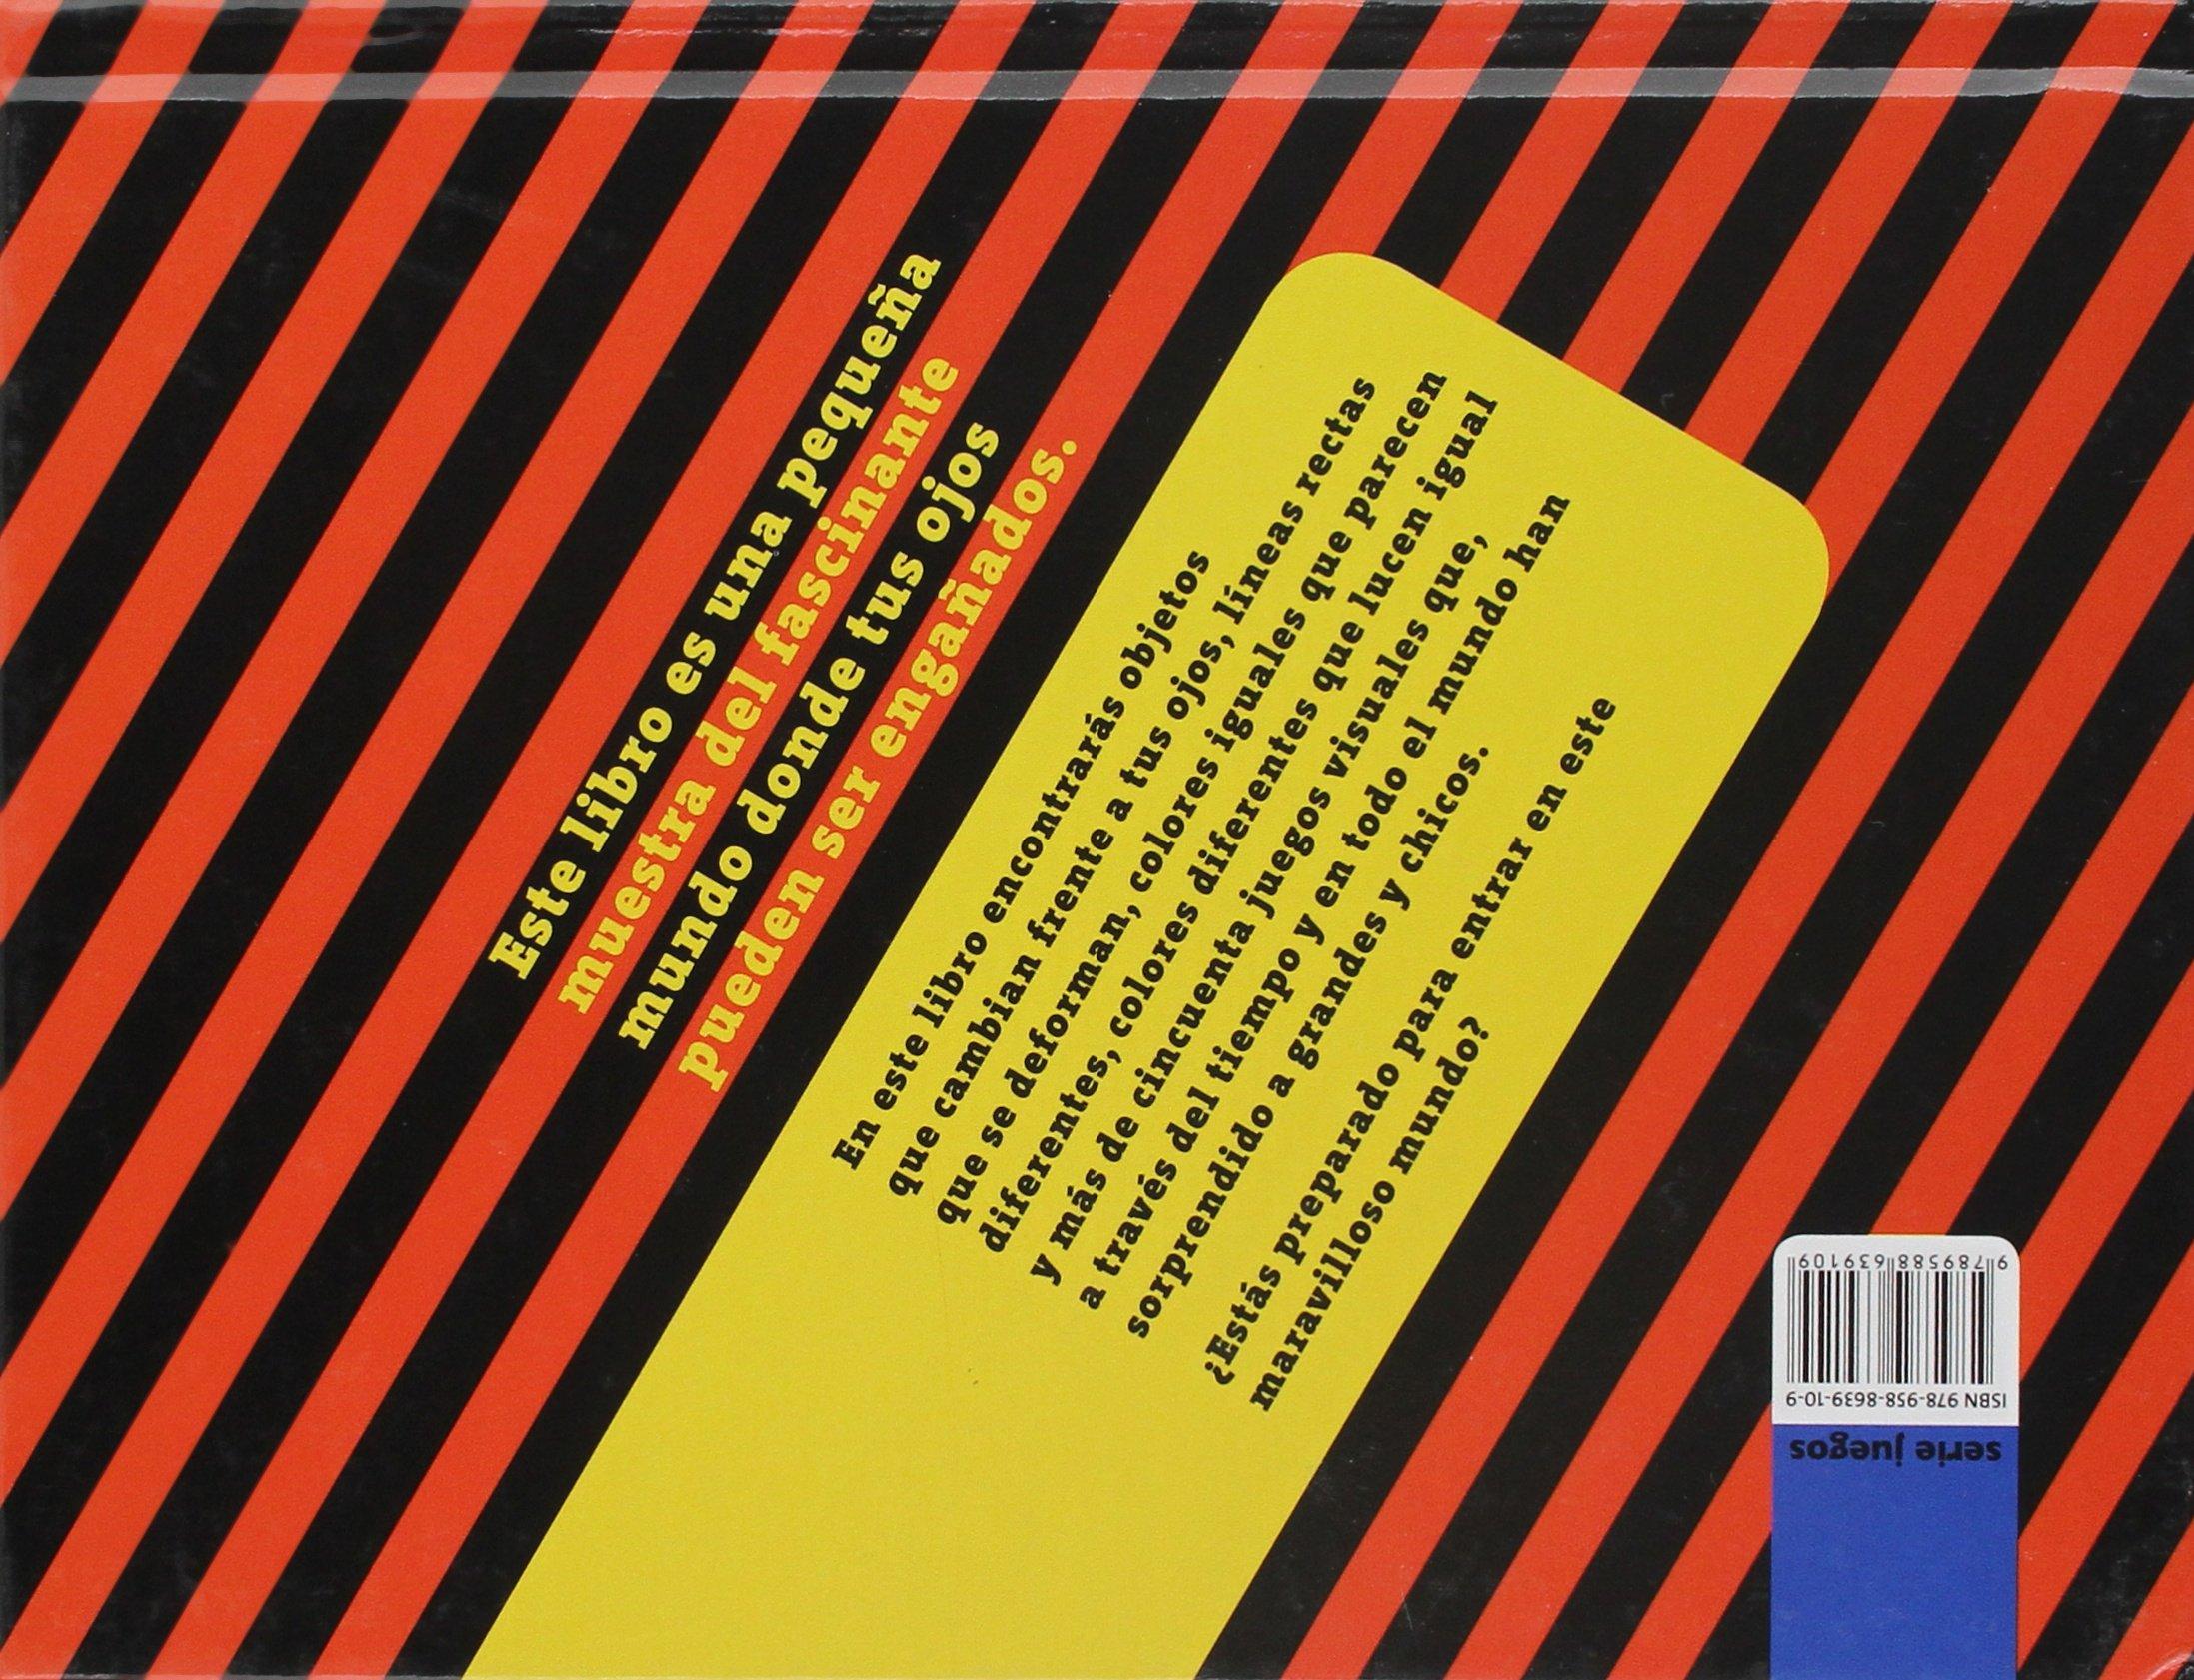 Juegos Visuales Spanish Edition John Naranjo 9789588639109